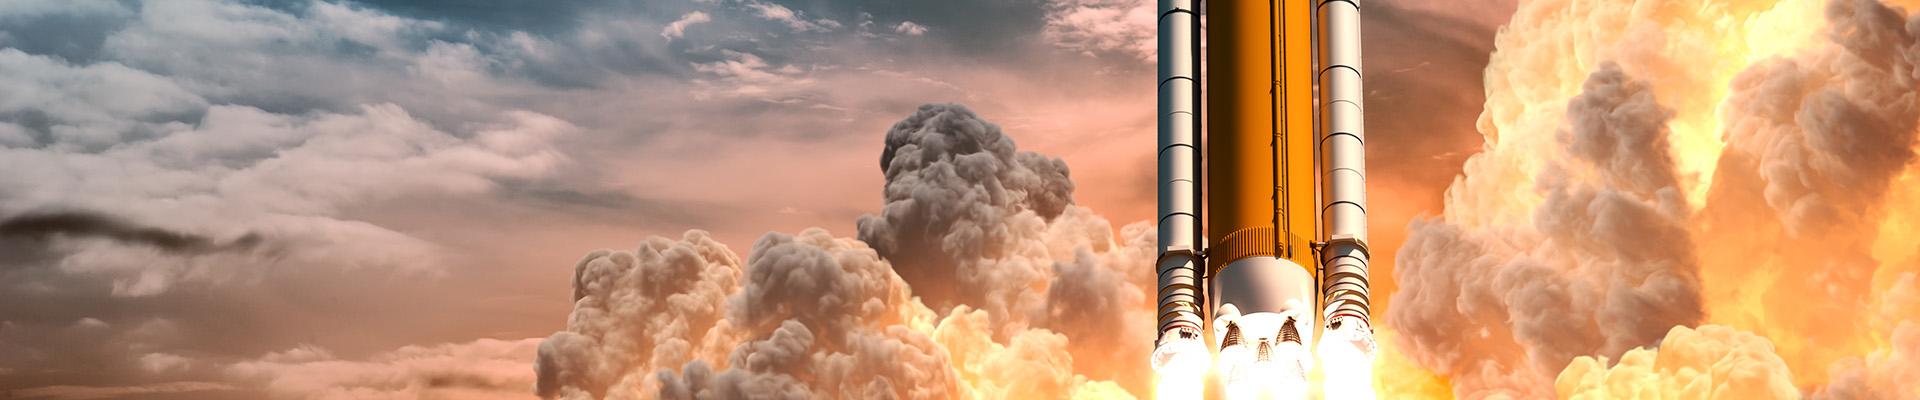 müller co-ax ag in der Luft- und Raumfahrt